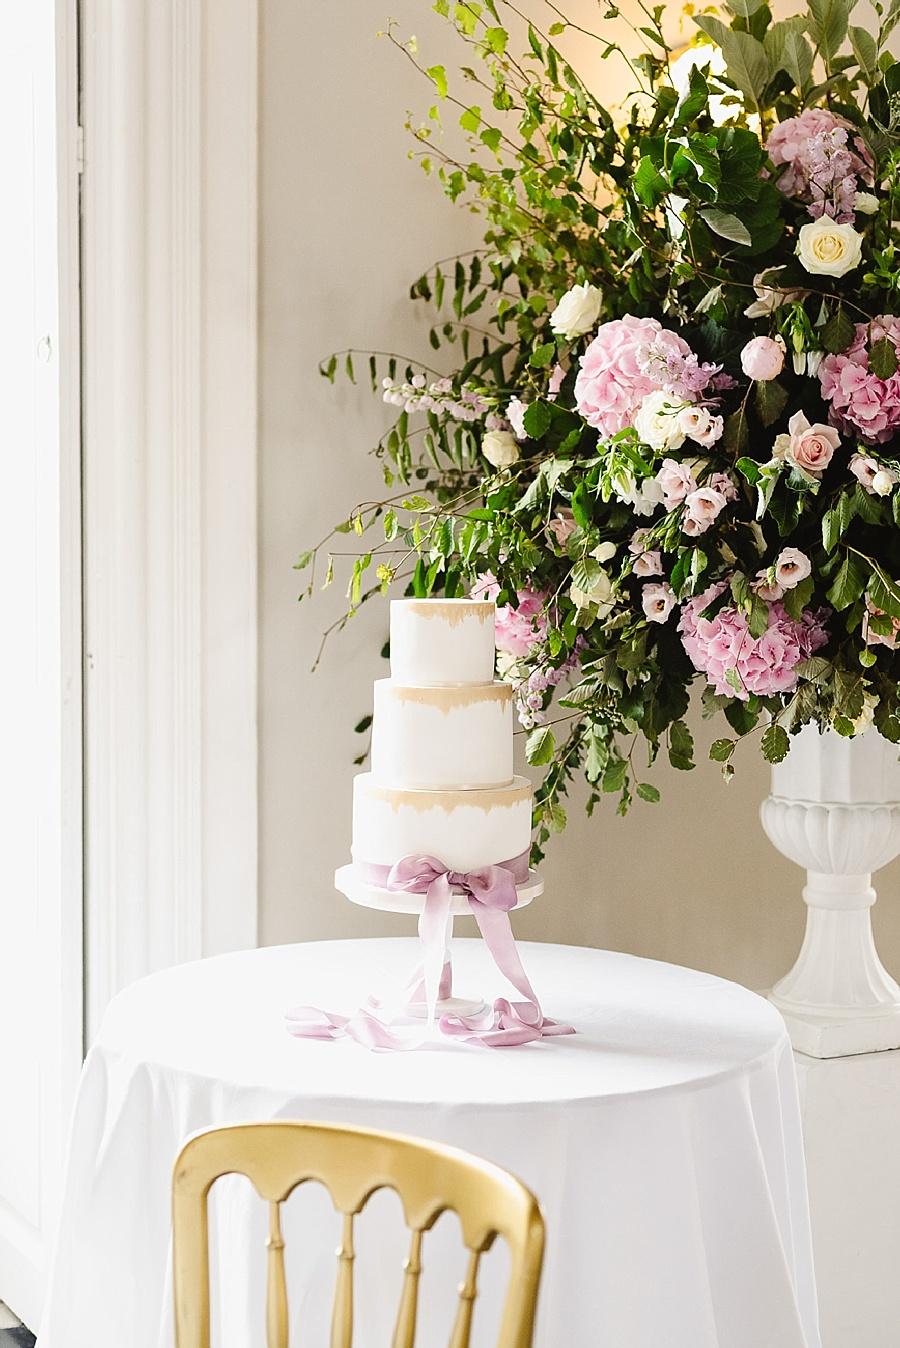 Elegant wedding cake with pink ribbon